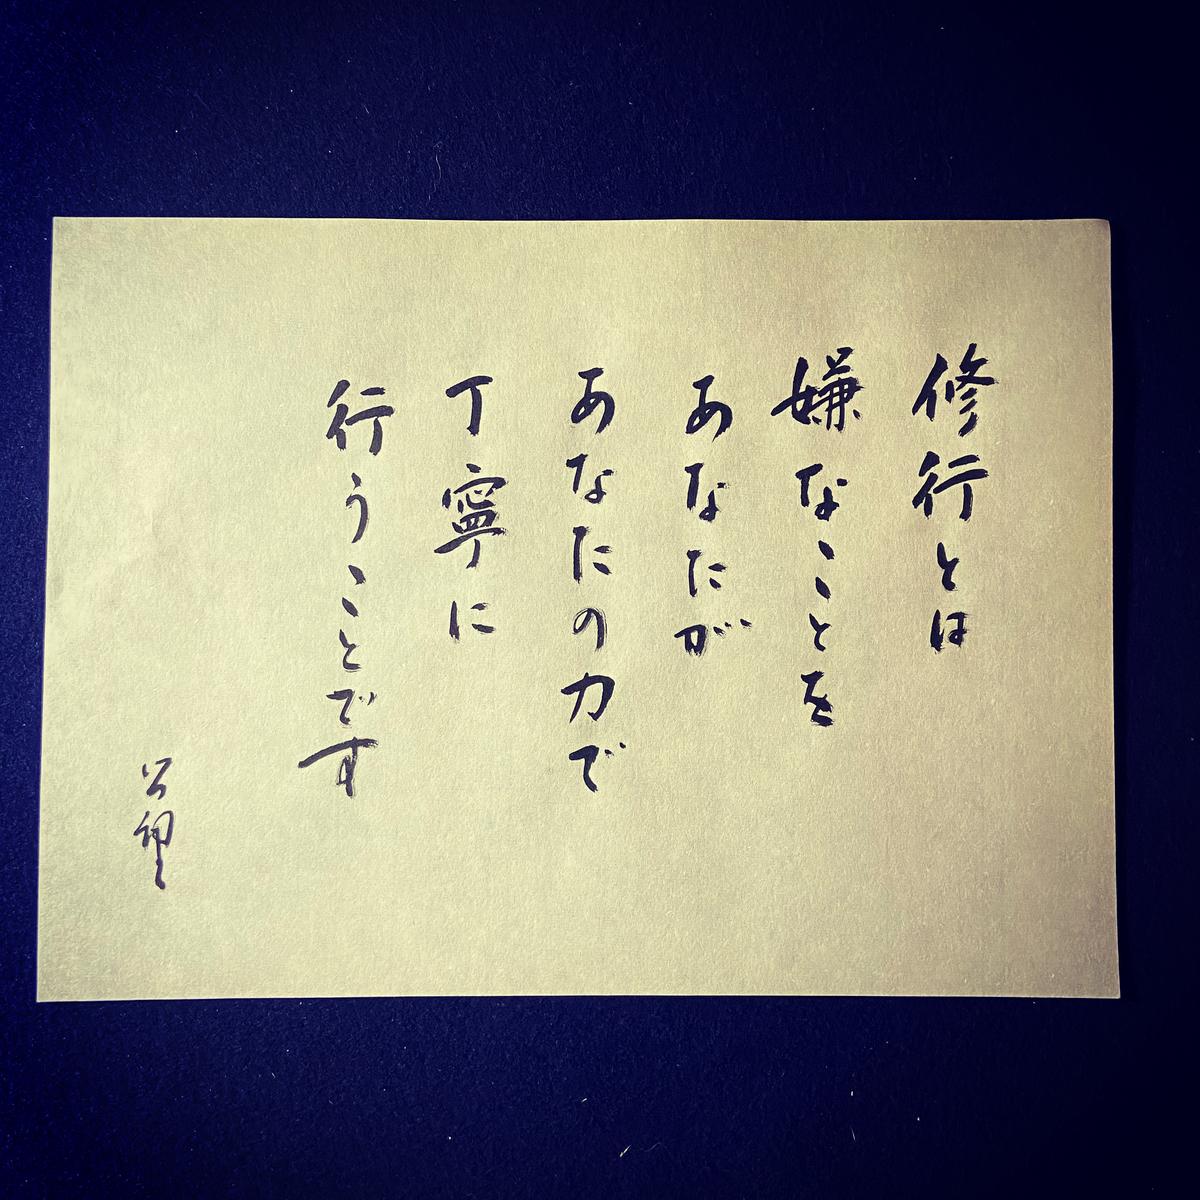 f:id:saifukuji:20210106225645j:plain